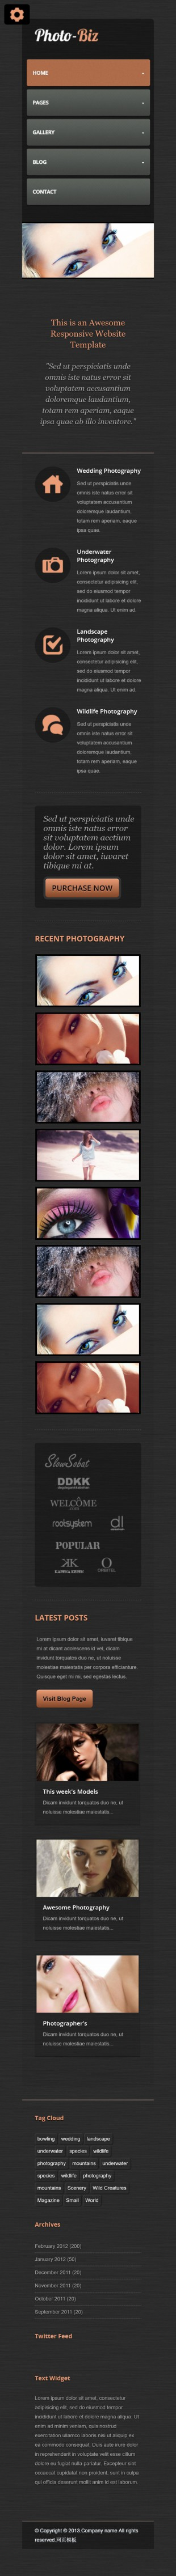 黑色质感纹理化妆品公司英文网站建设模板手机图片